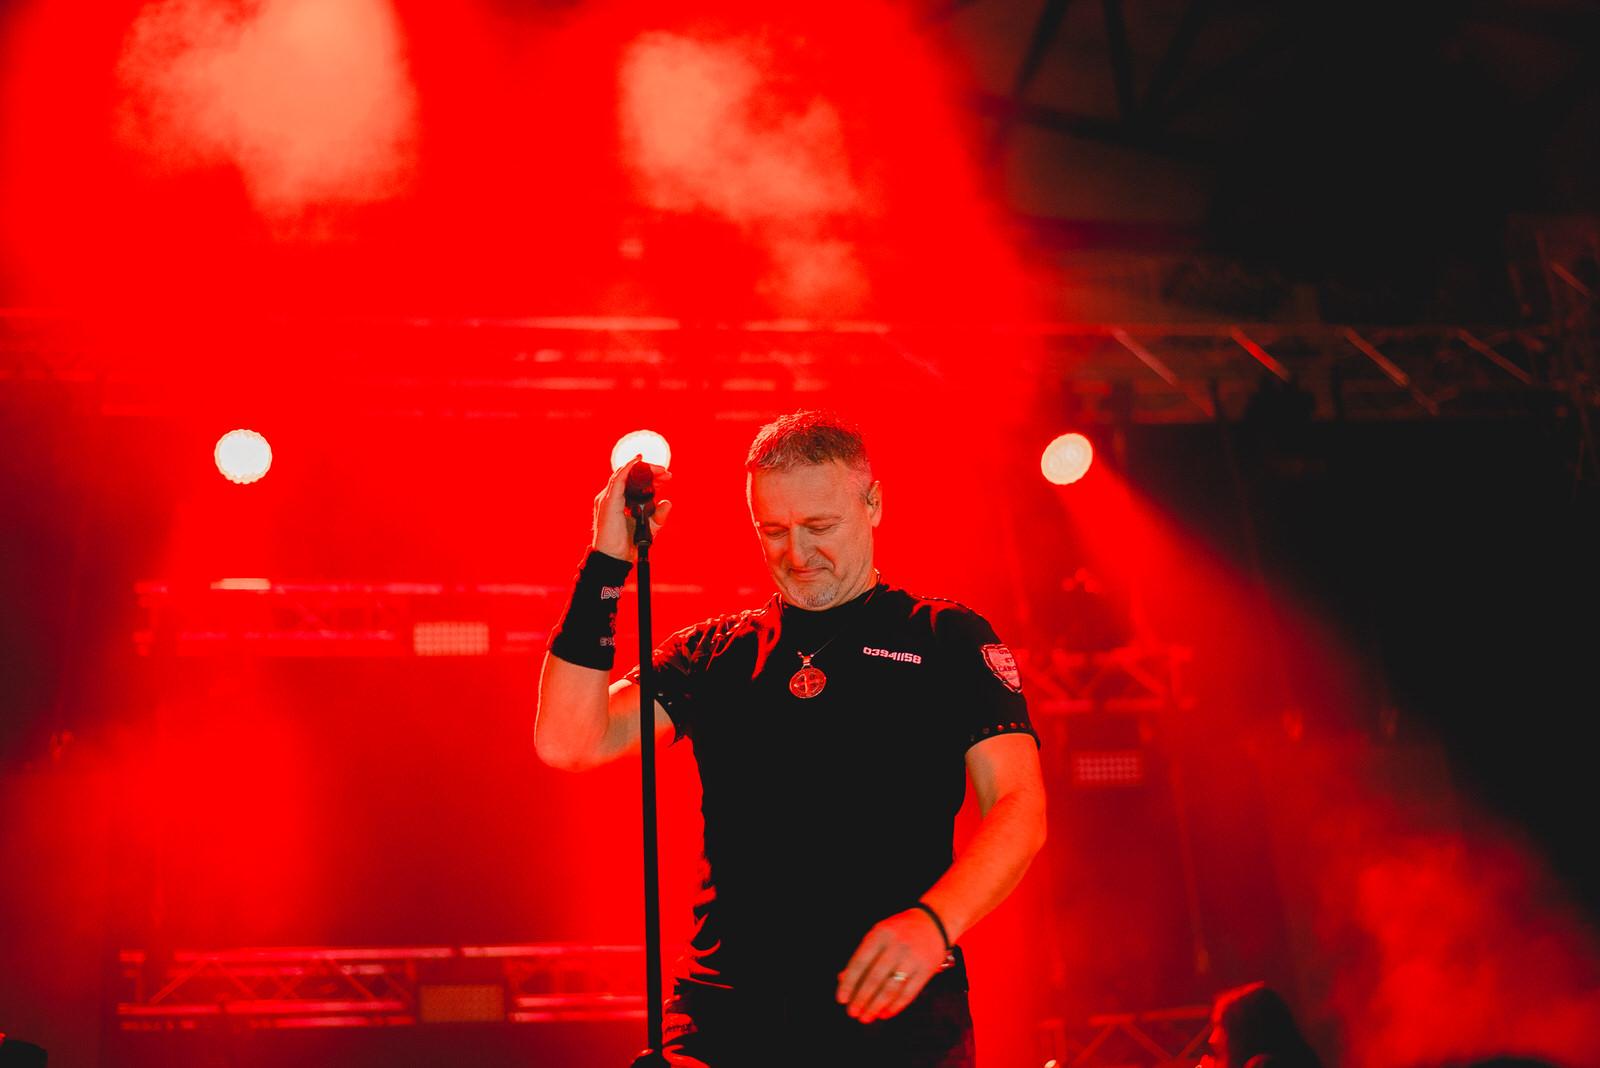 likaclub_gospić_koncert-thompson_2018-10